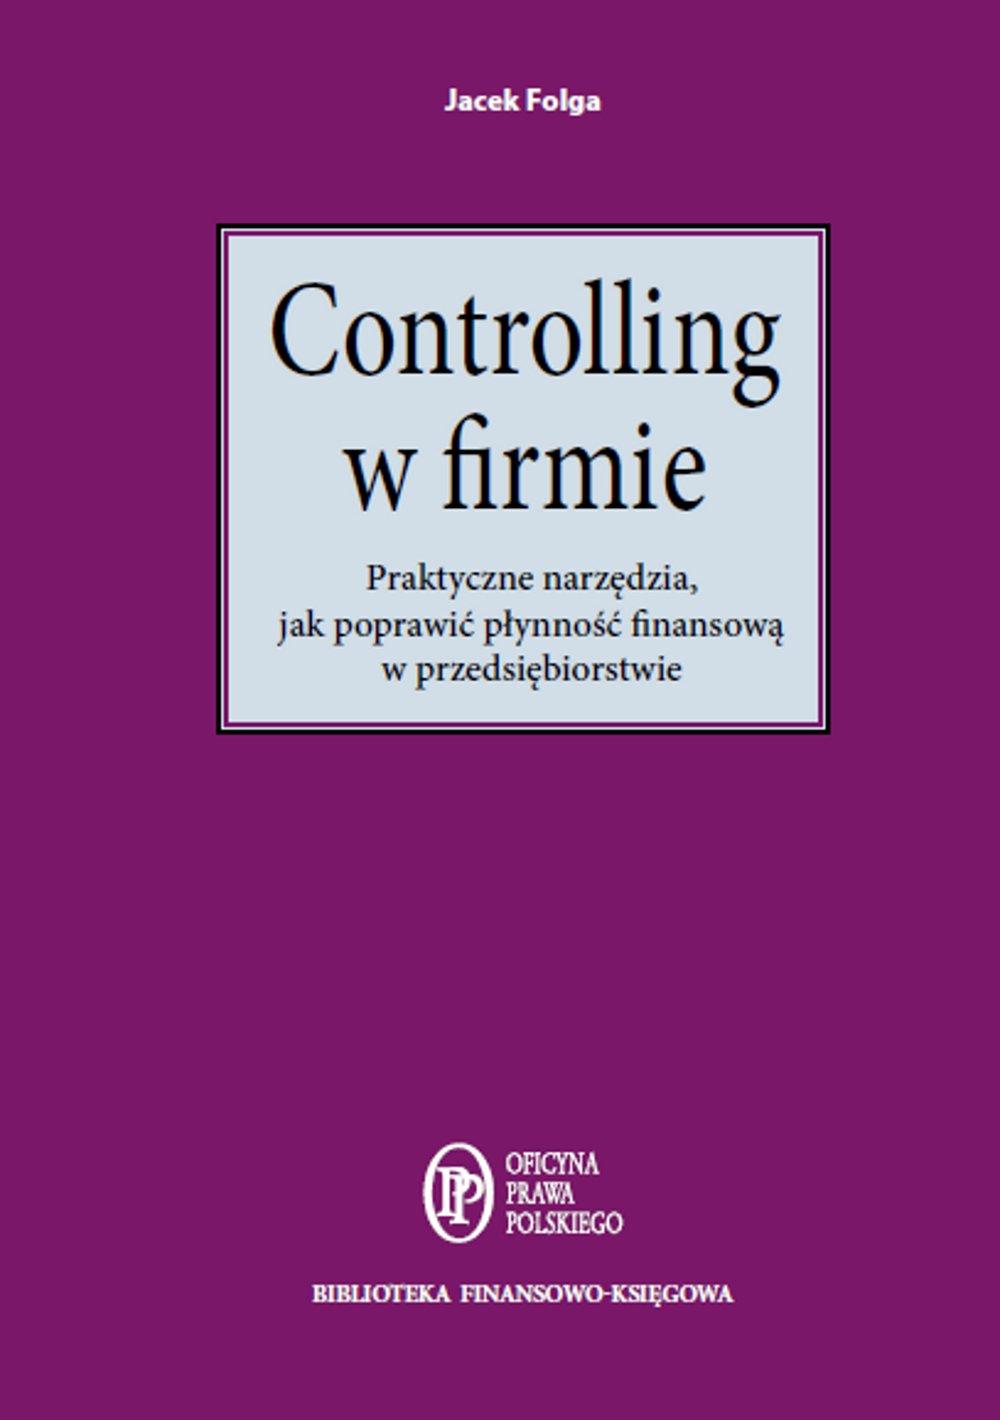 Controlling w firmie. Praktyczne narzędzia, jak poprawić płynność finansową w przedsiębiorstwie - Ebook (Książka PDF) do pobrania w formacie PDF